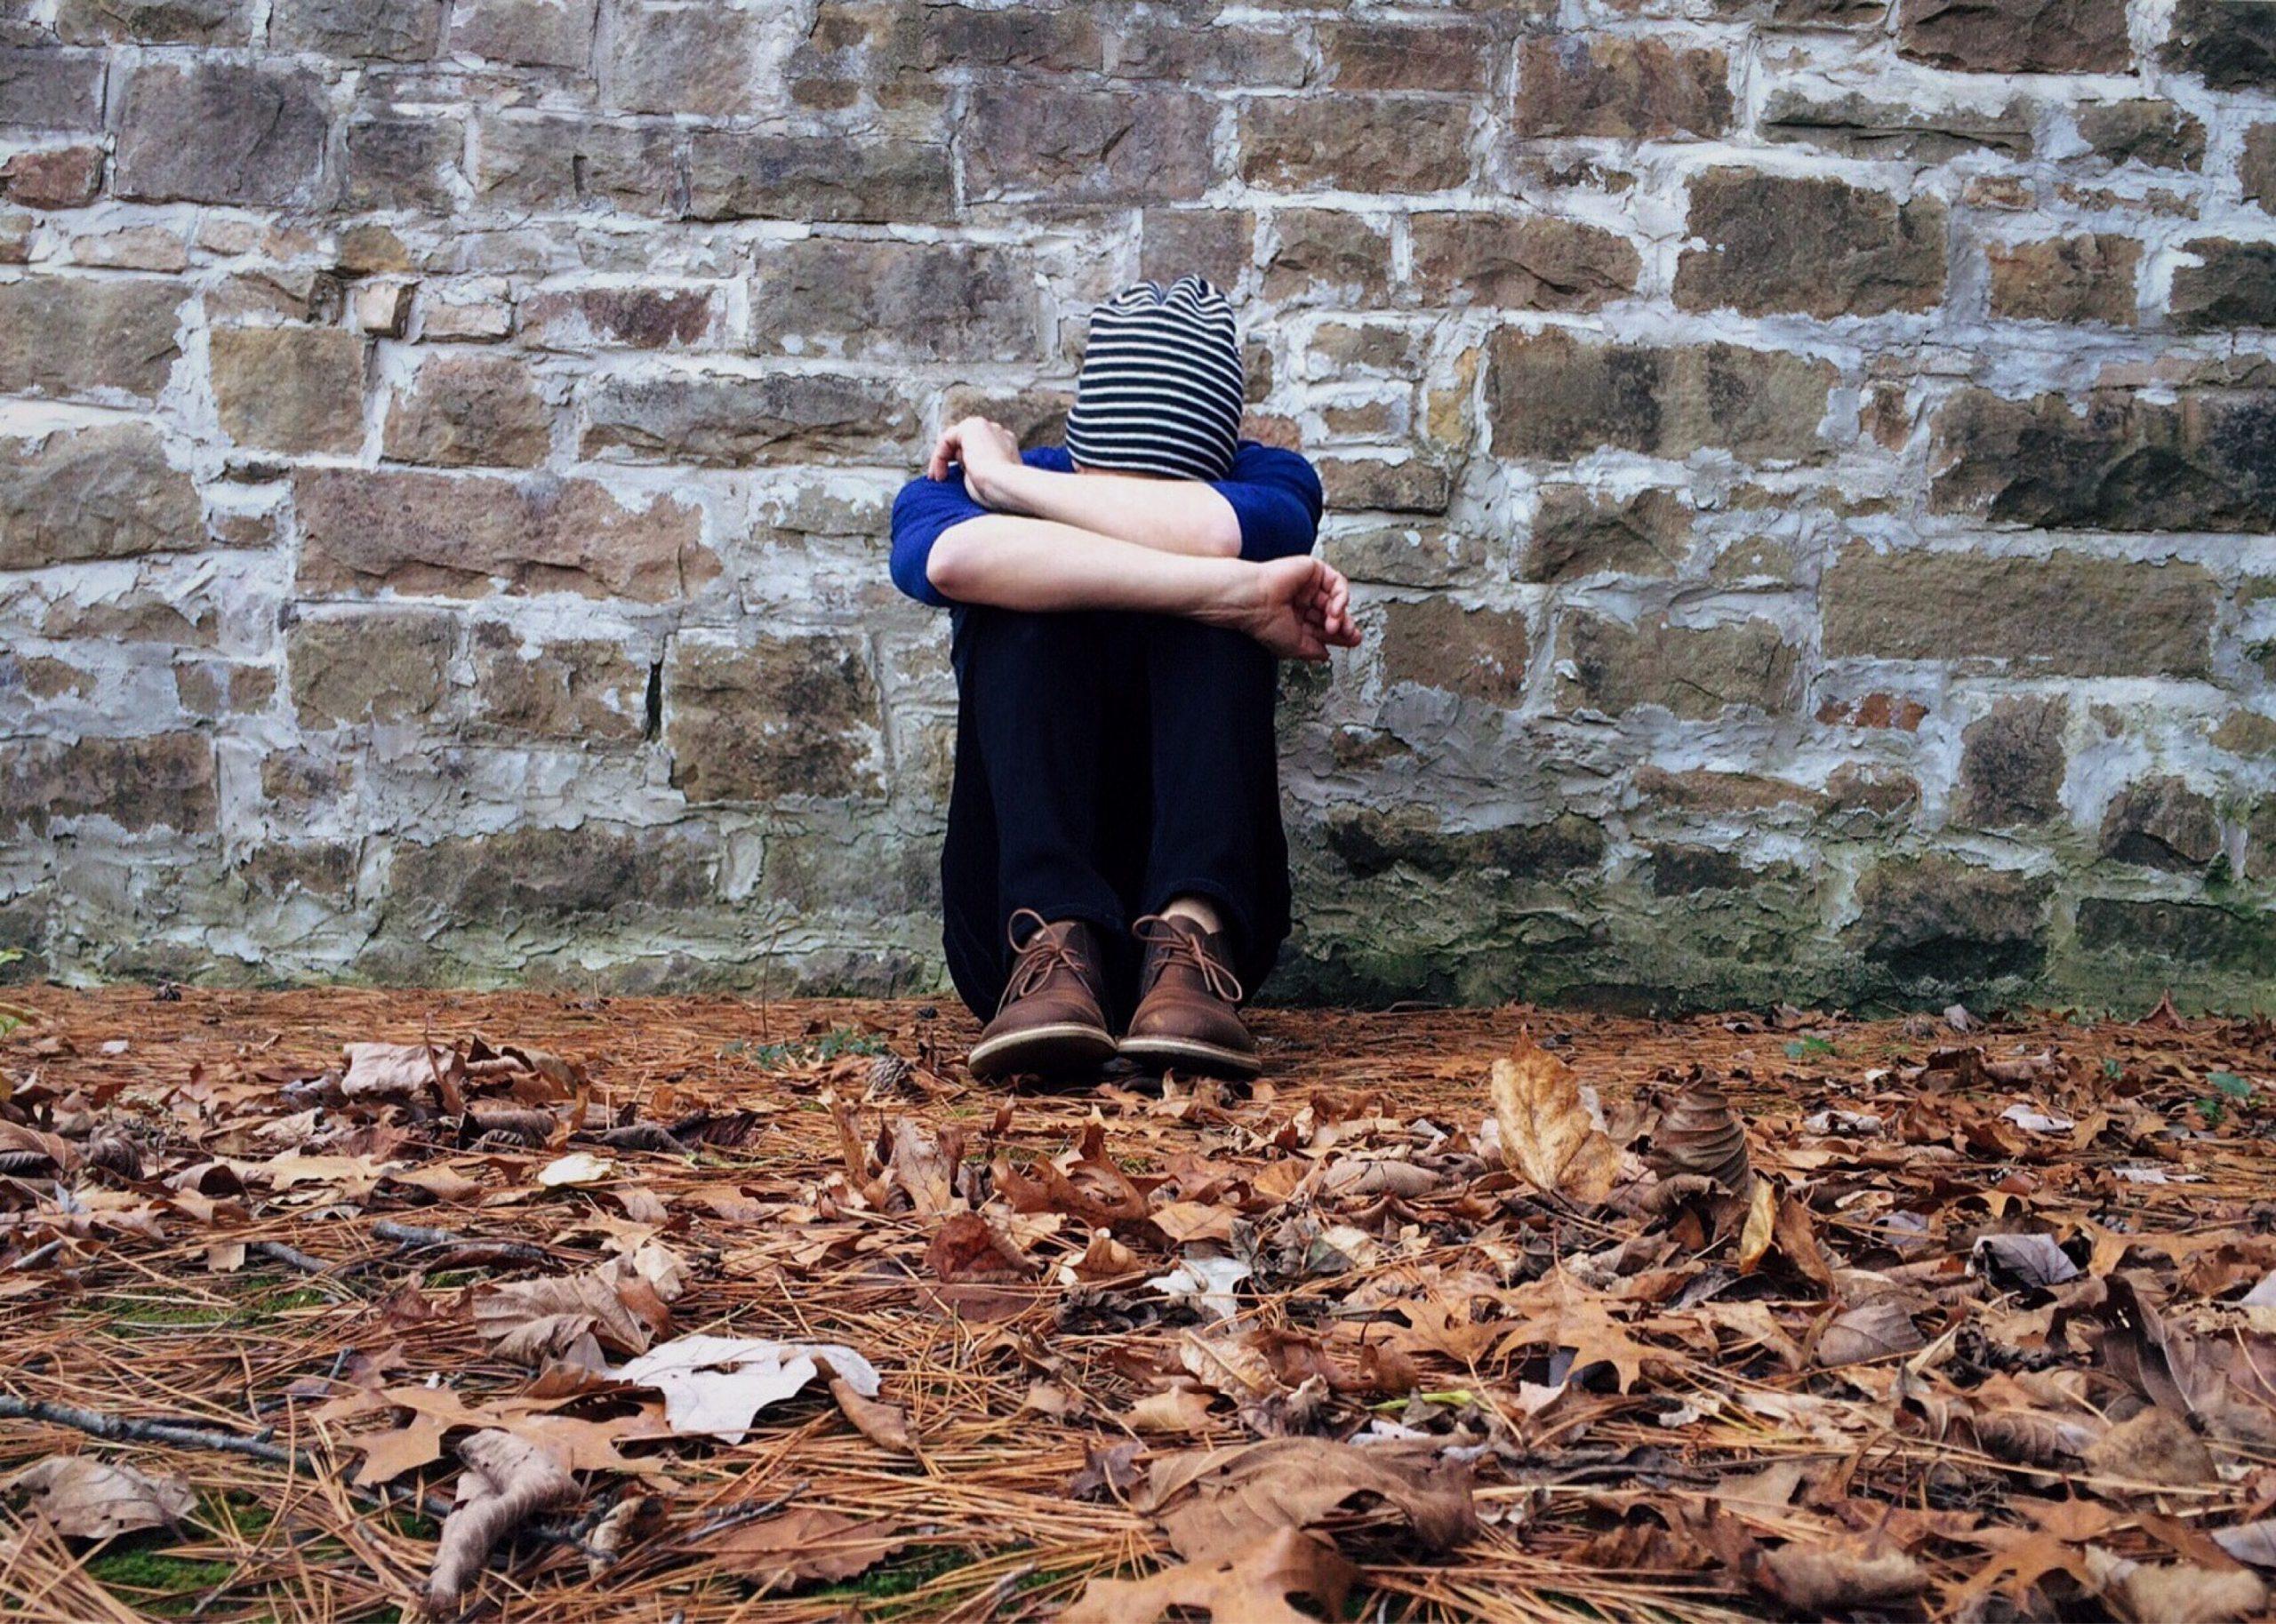 VIATRIS México: ¿Cómo atender la depresión para prevenir situaciones de riesgo?